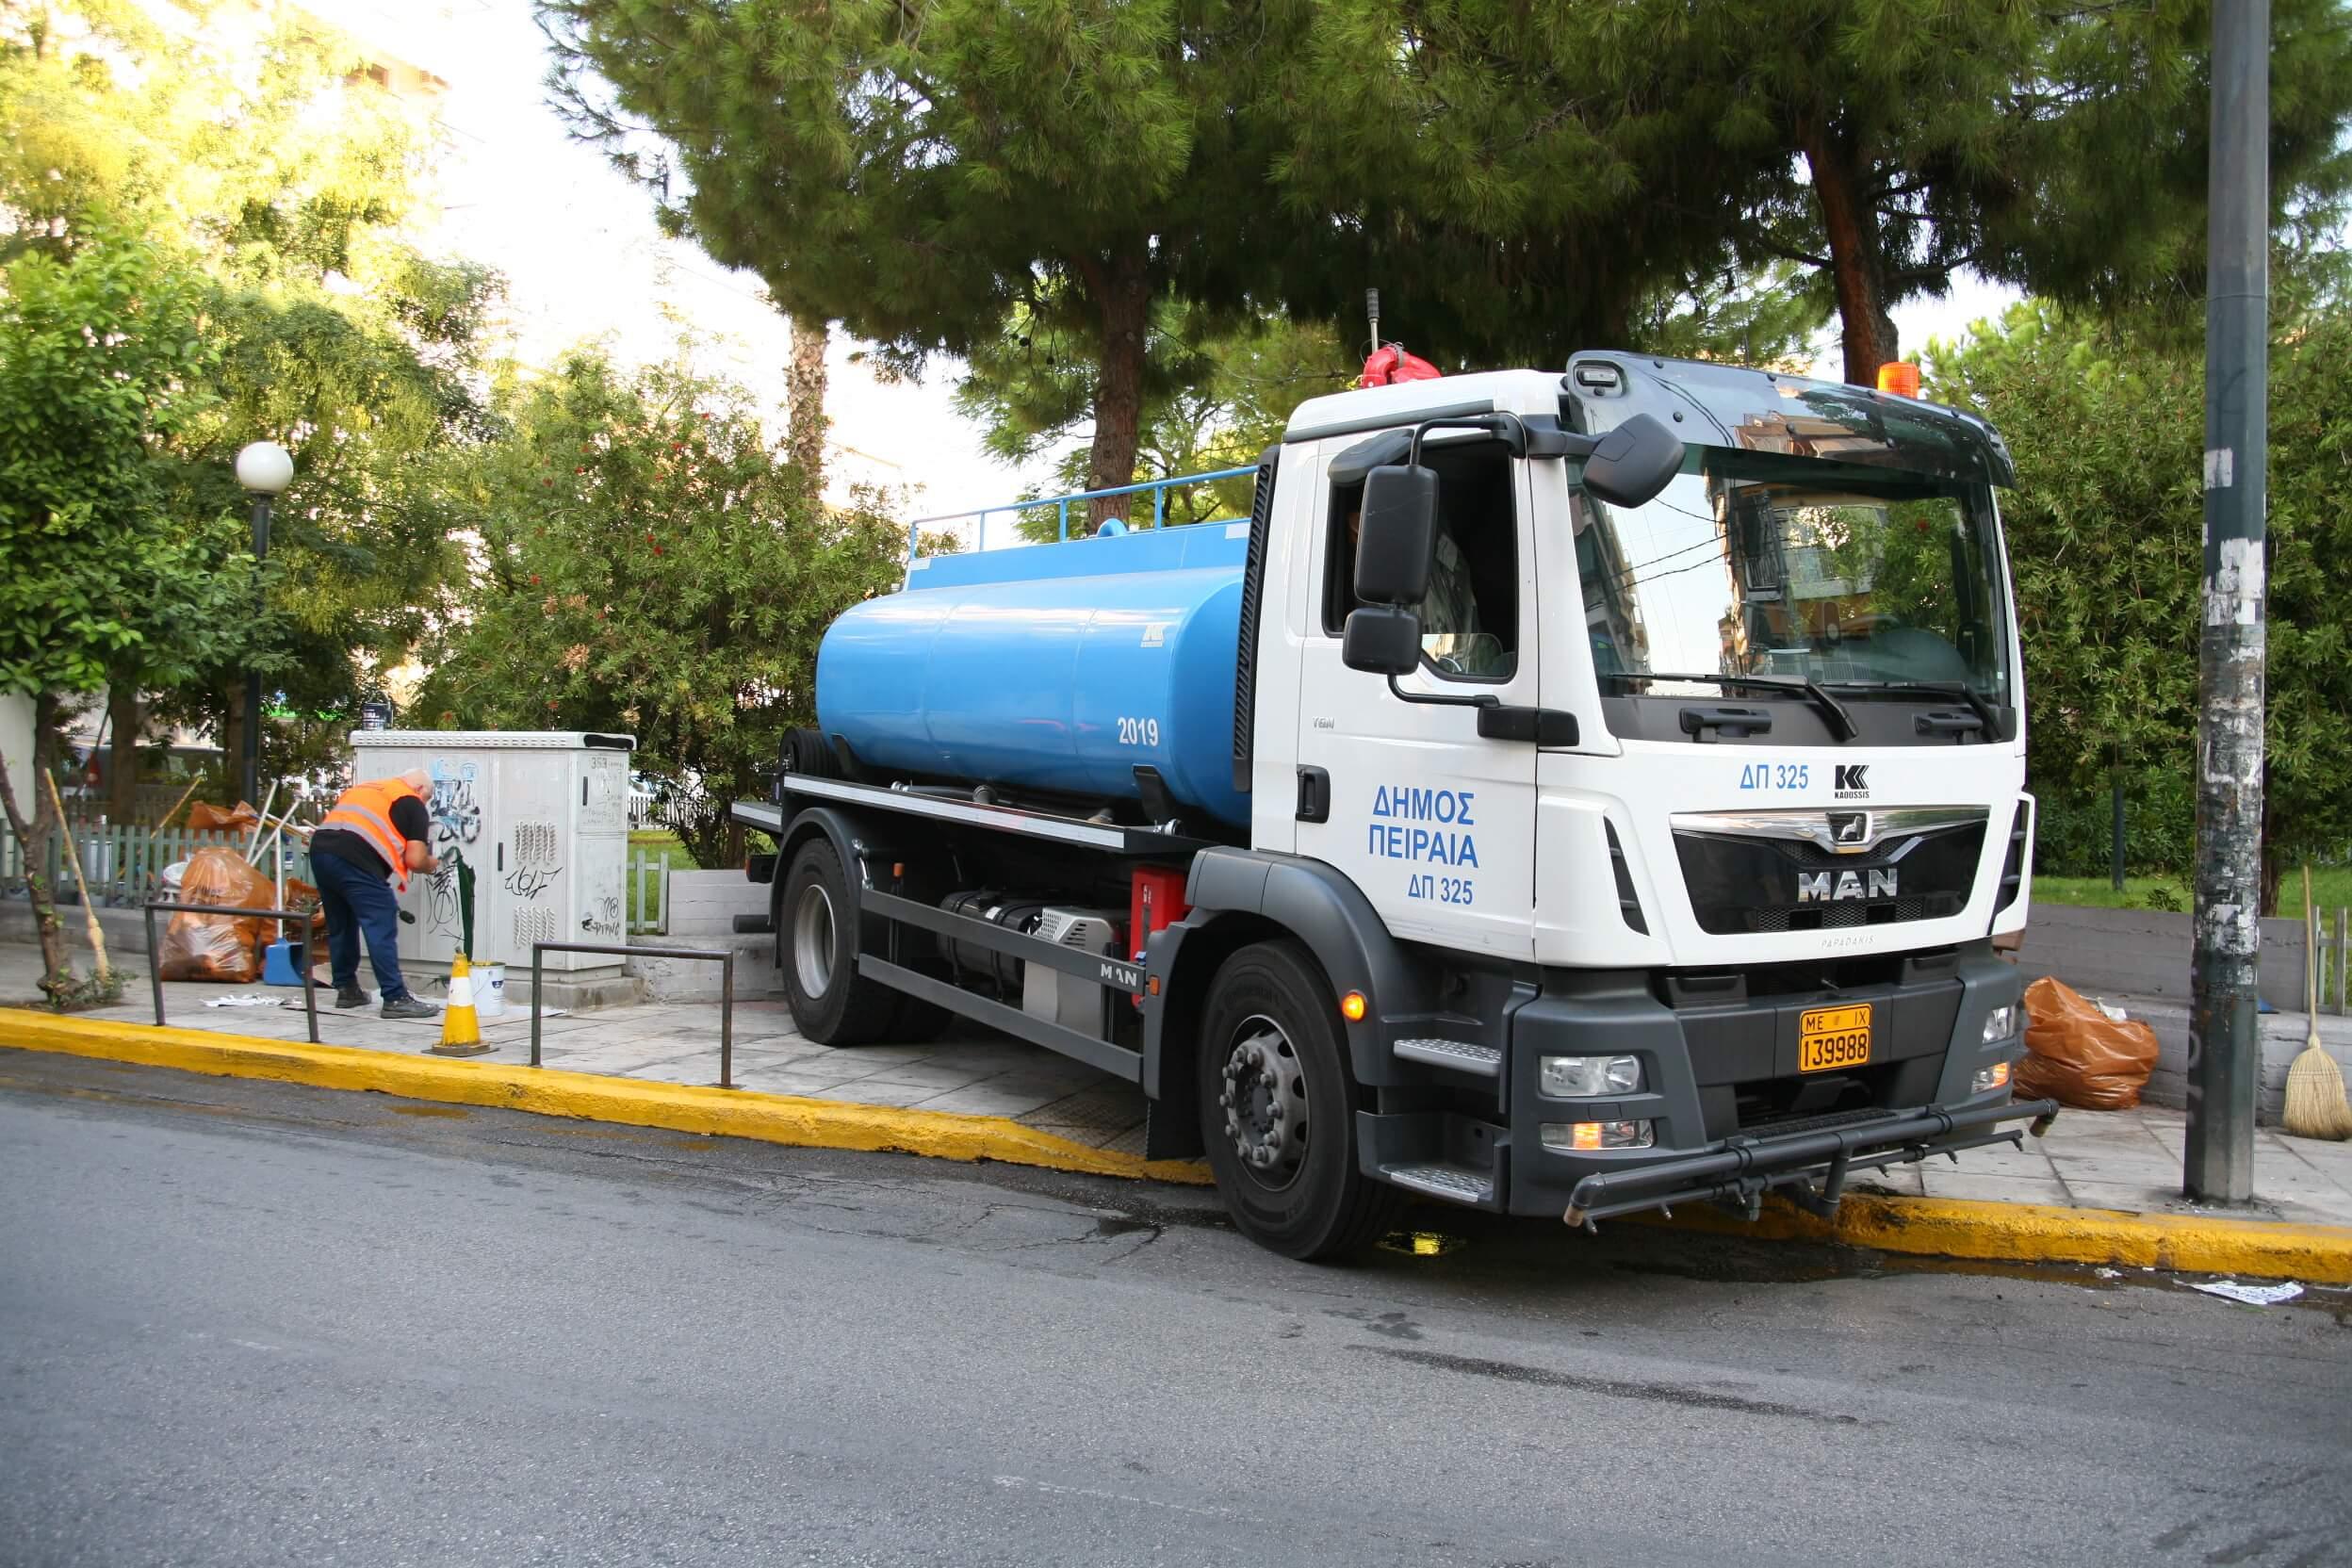 Ο Δήμος Πειραιά συνεχίζει τις στοχευμένες δράσεις καθαρισμού σε διάφορα σημεία της πόλης